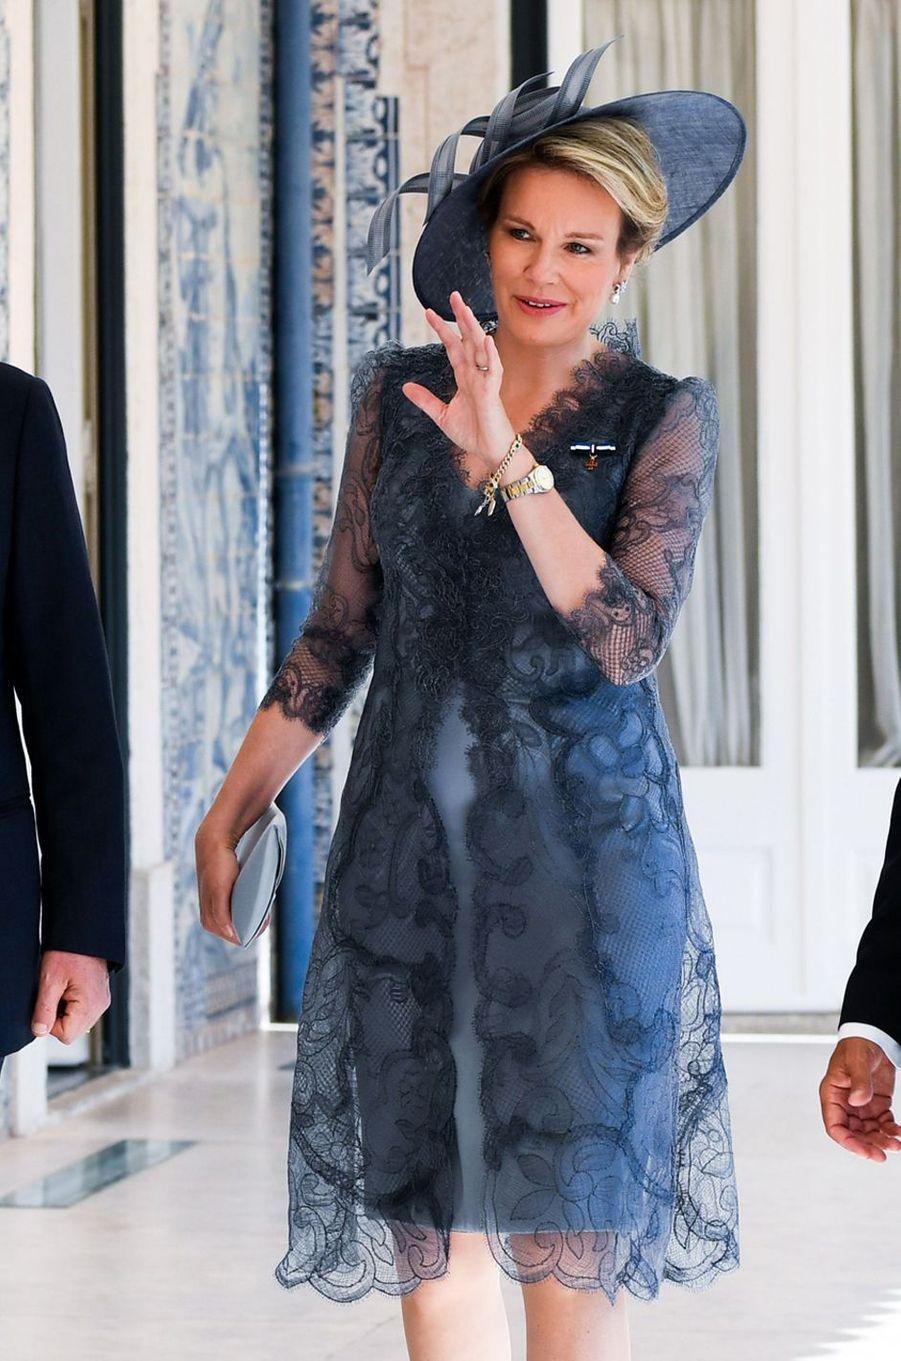 La reine Mathilde de Belgique à Lisbonne, le 22 octobre 2018